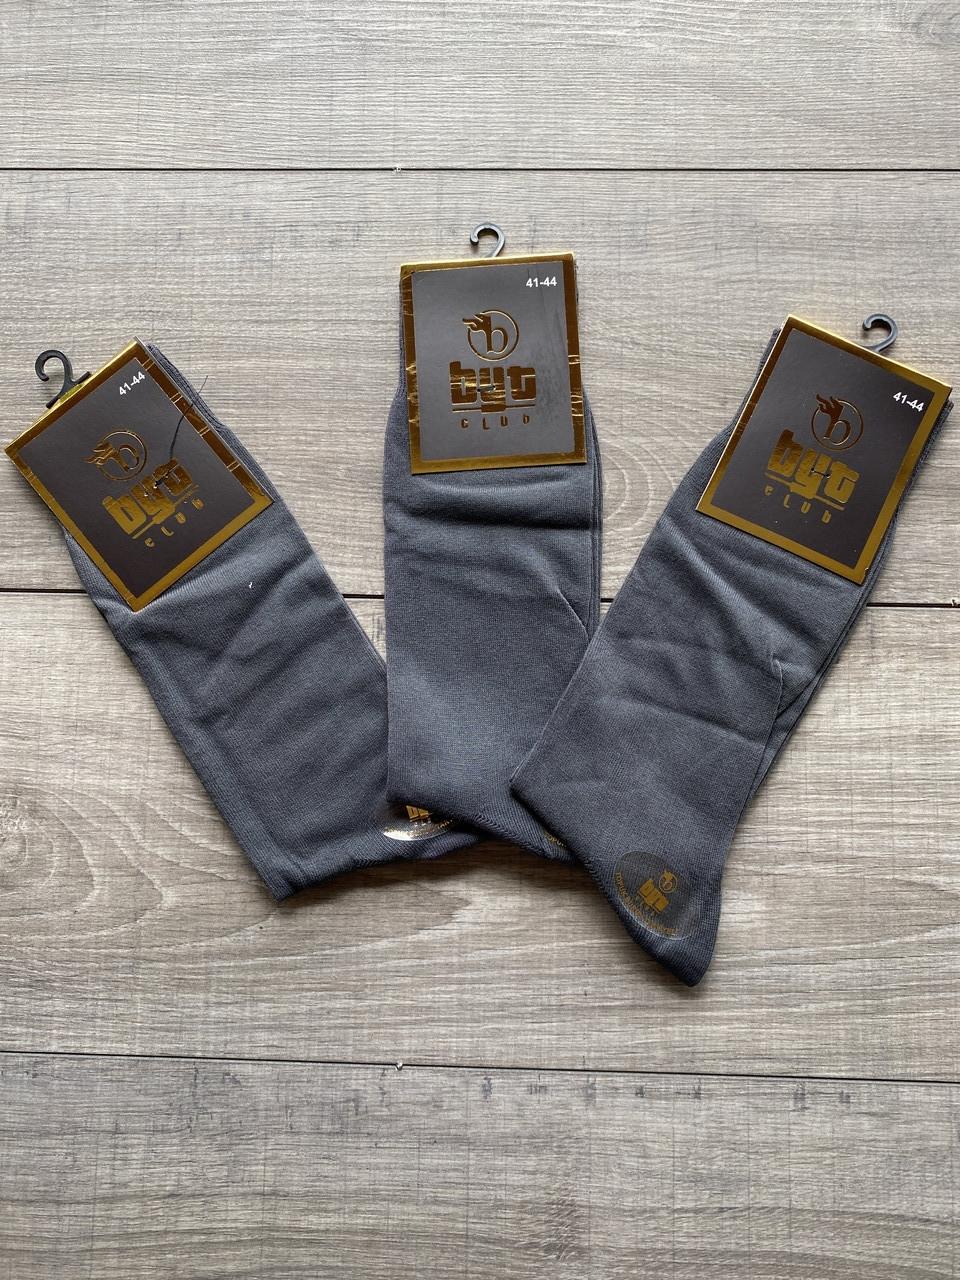 Чоловічі шкарпетки Byt club бамбук високі 200 голок без шовні однотонні 40-45 12 шт в уп сірі